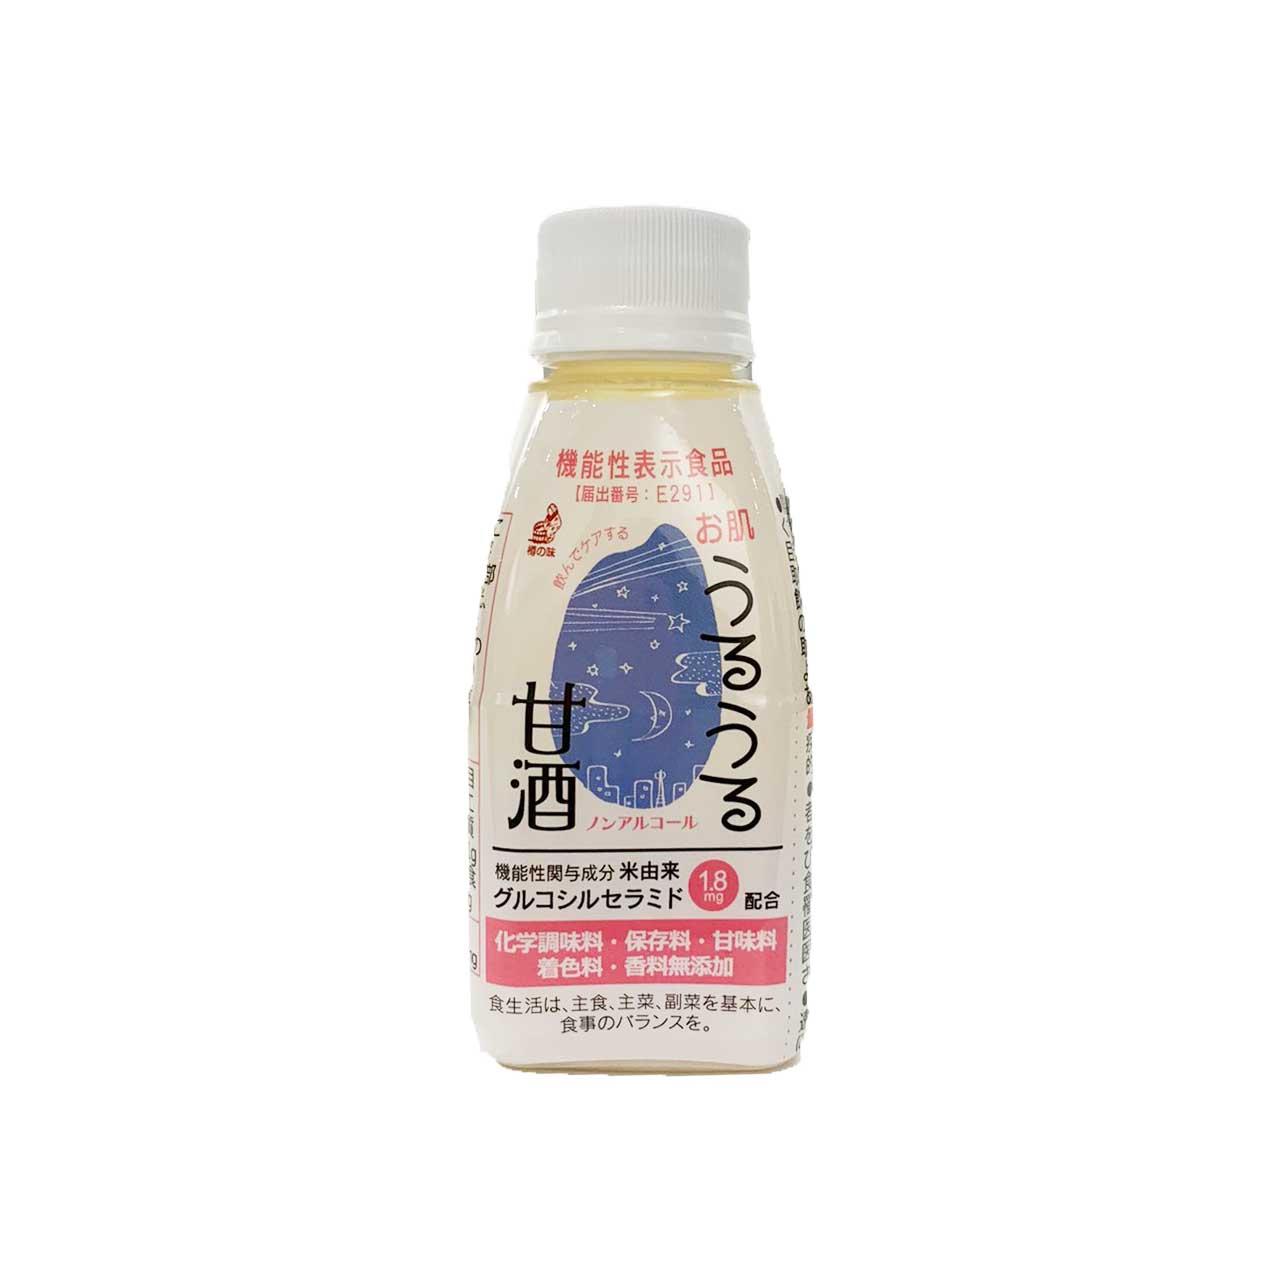 15本セット お肌うるうる 米こうじ甘酒 150g すっくり飲み切り! ノンアルコール お米由来グルコシルセラミド配合